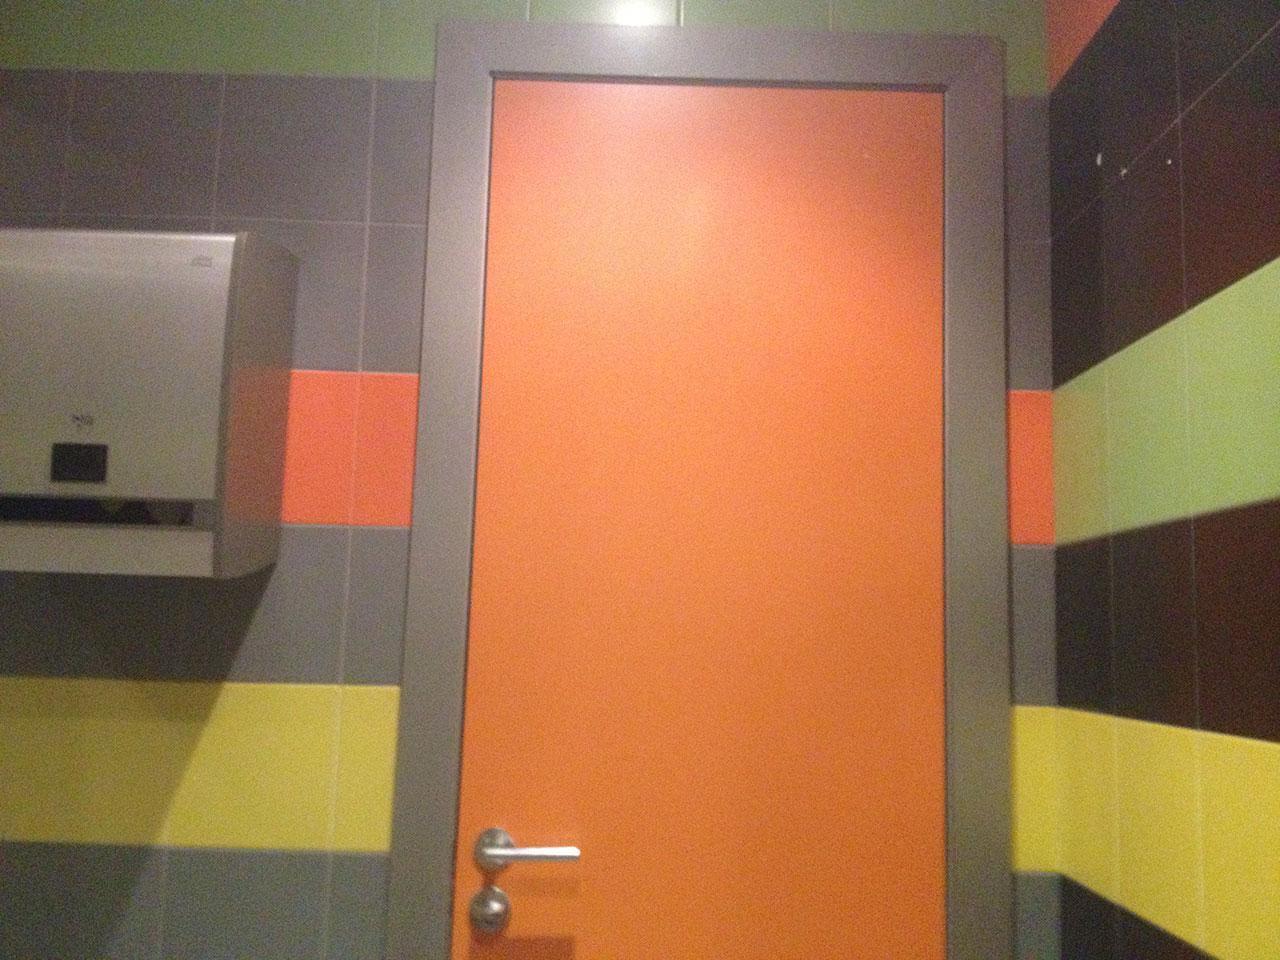 Межкомнатная пластиковая дверь для туалета